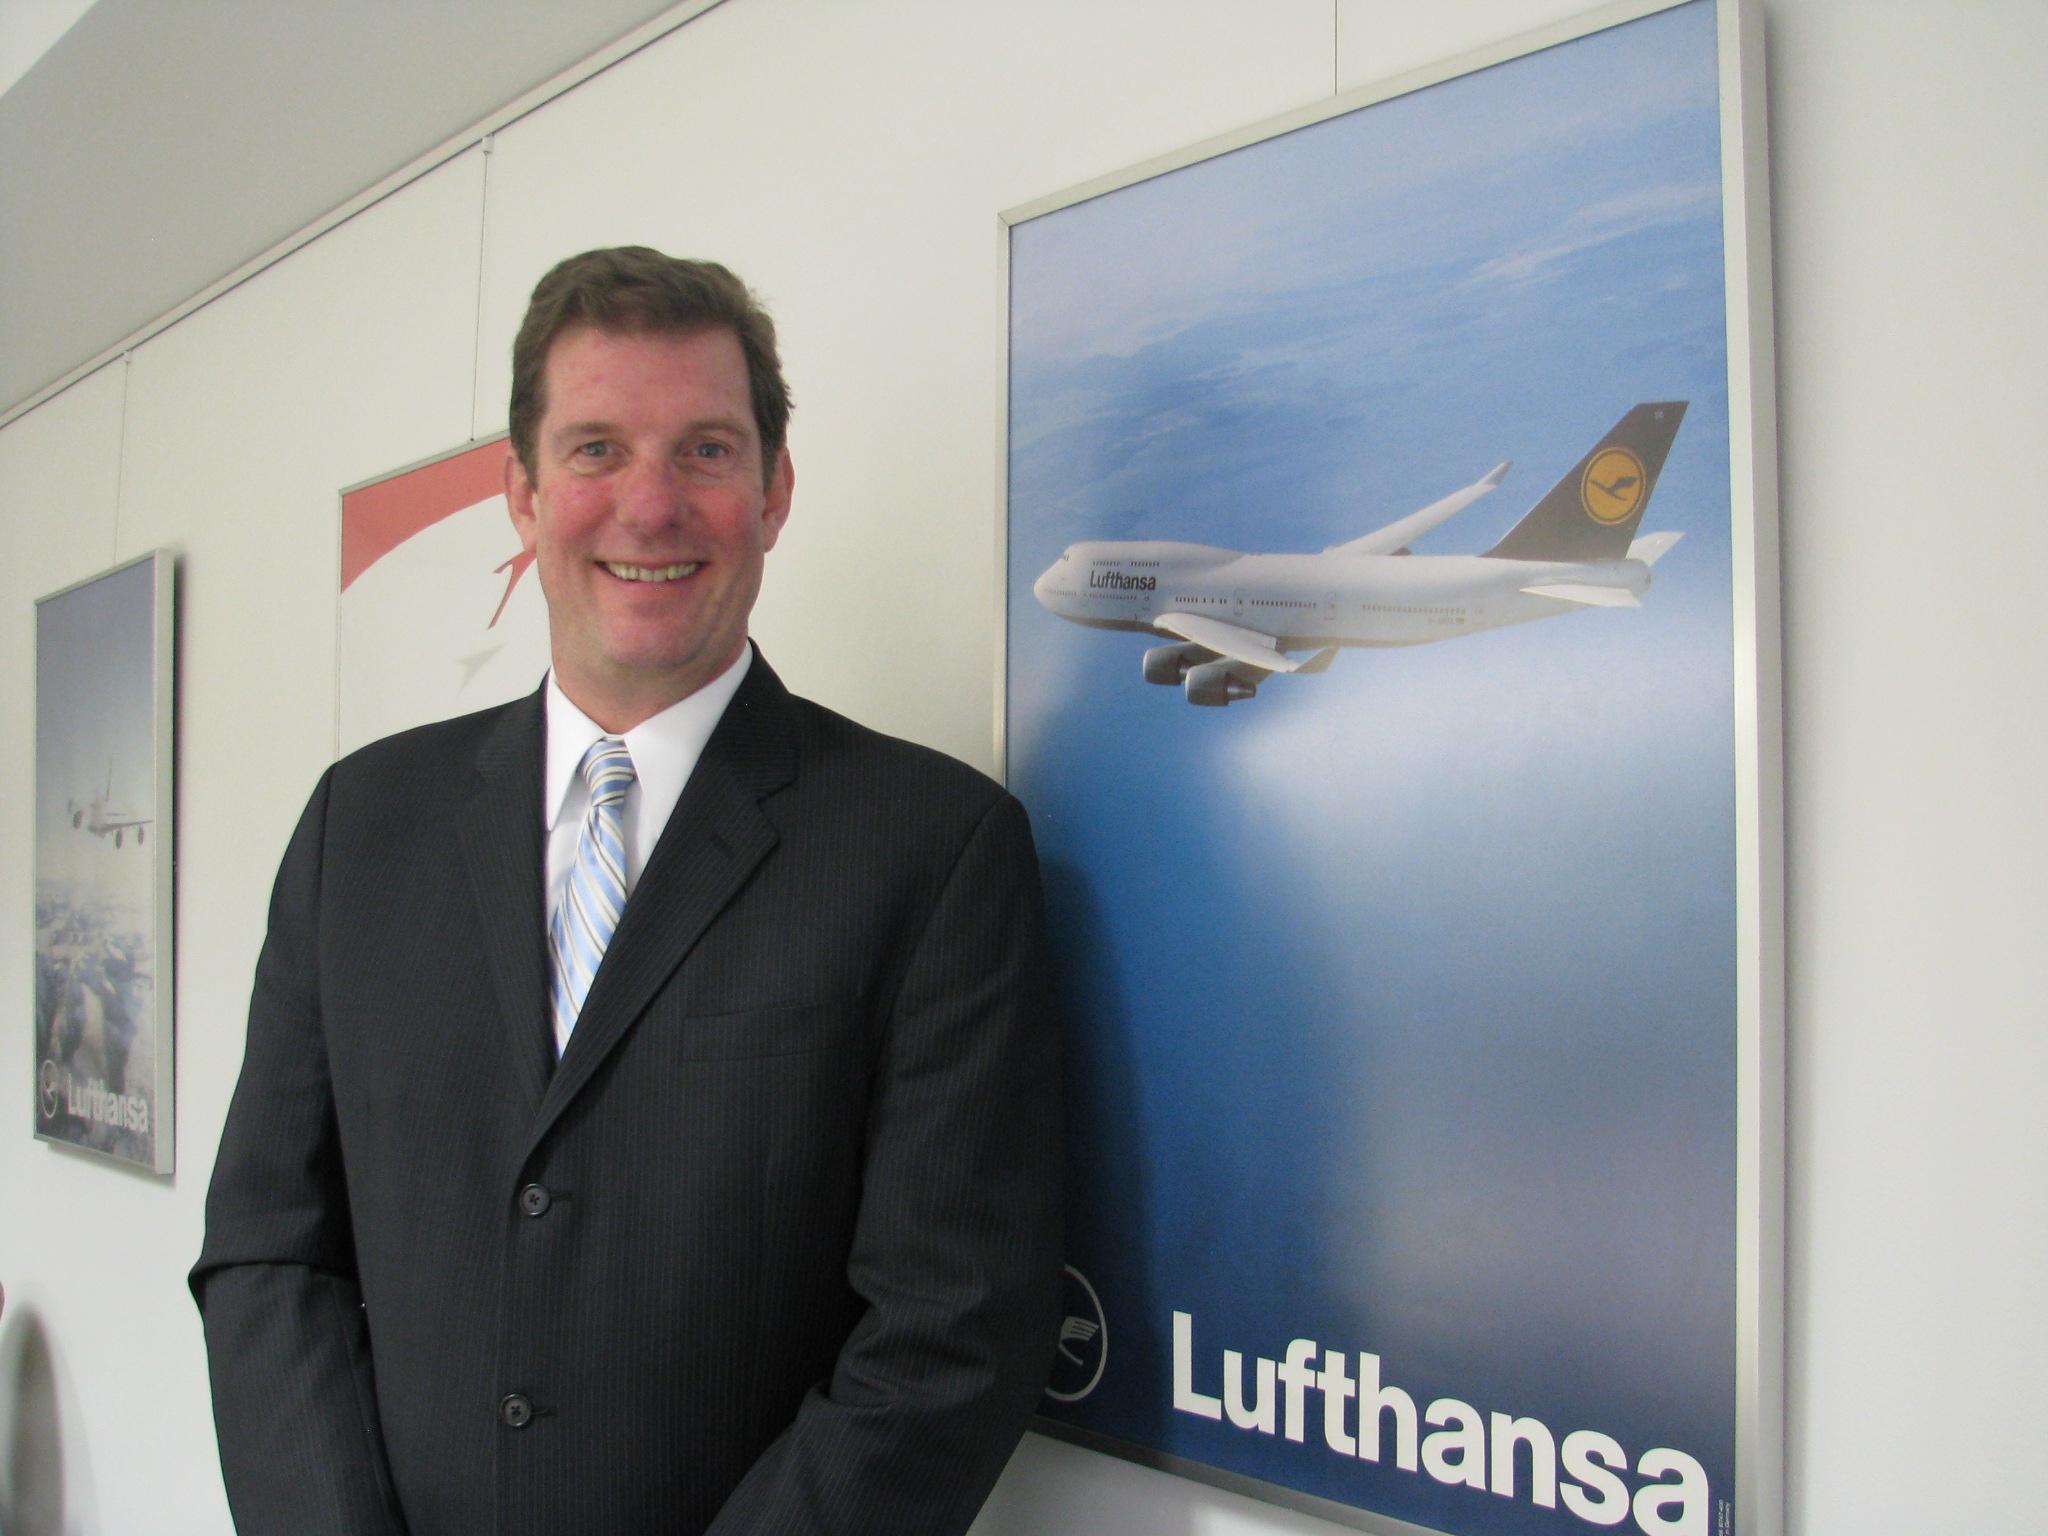 ルフトハンザ航空で進む効率化、グループ3社の部門統合と投資継続、日本路線にはA350投入も視野